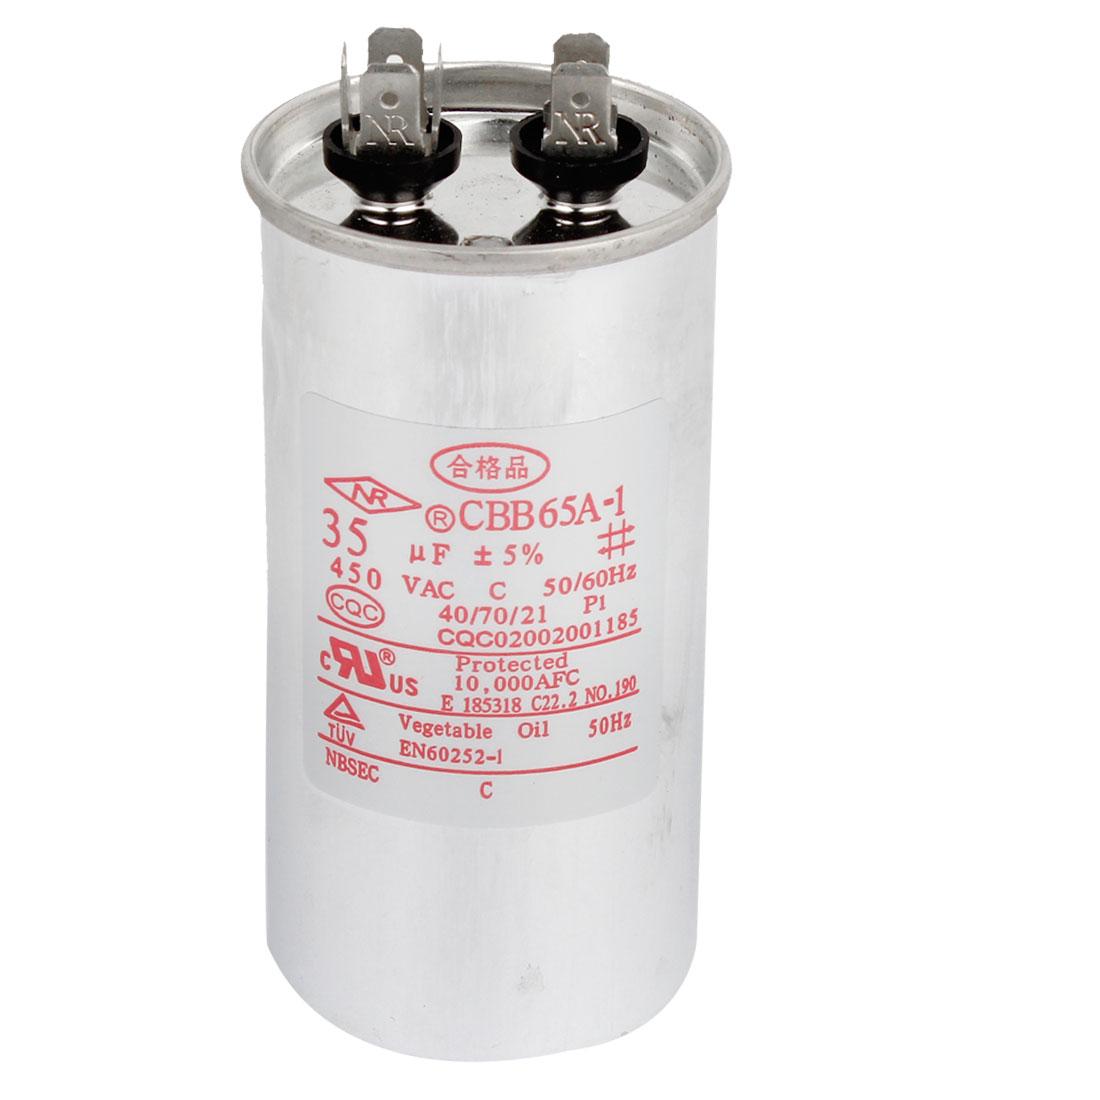 AC 450V 35uF Polypropylene Film Capacitor for Air Conditioner